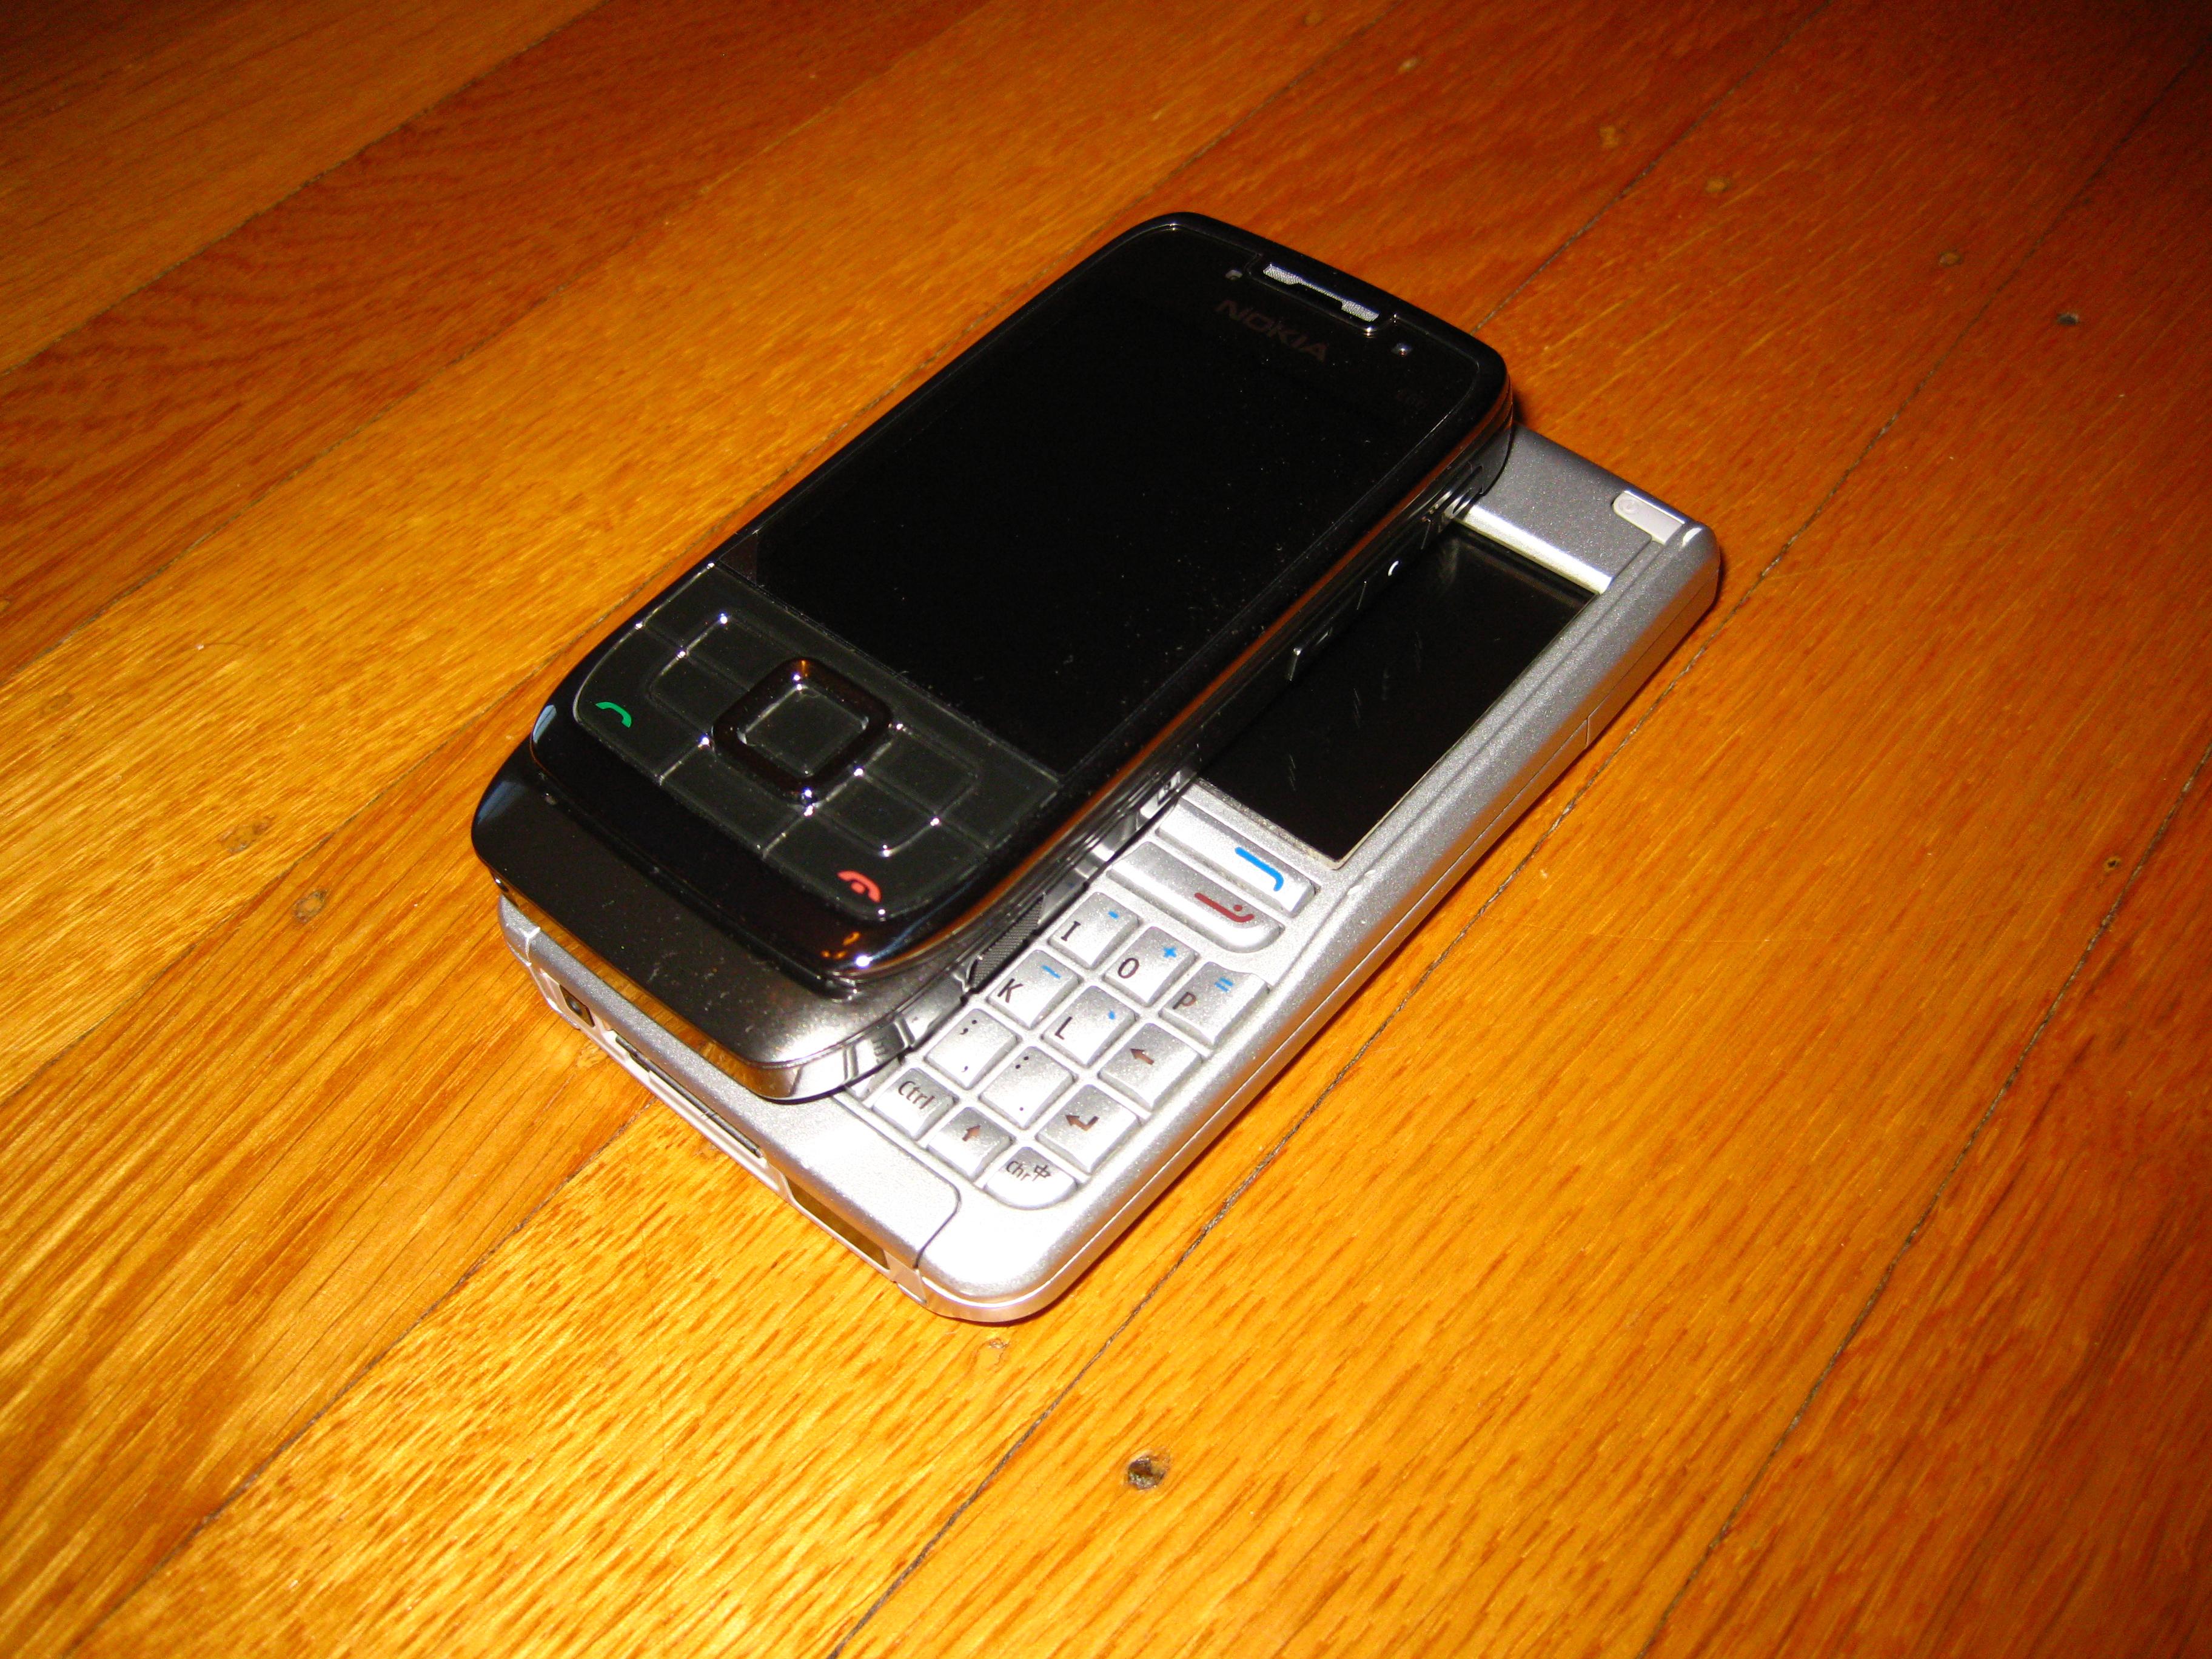 Nokia E66 vs E61